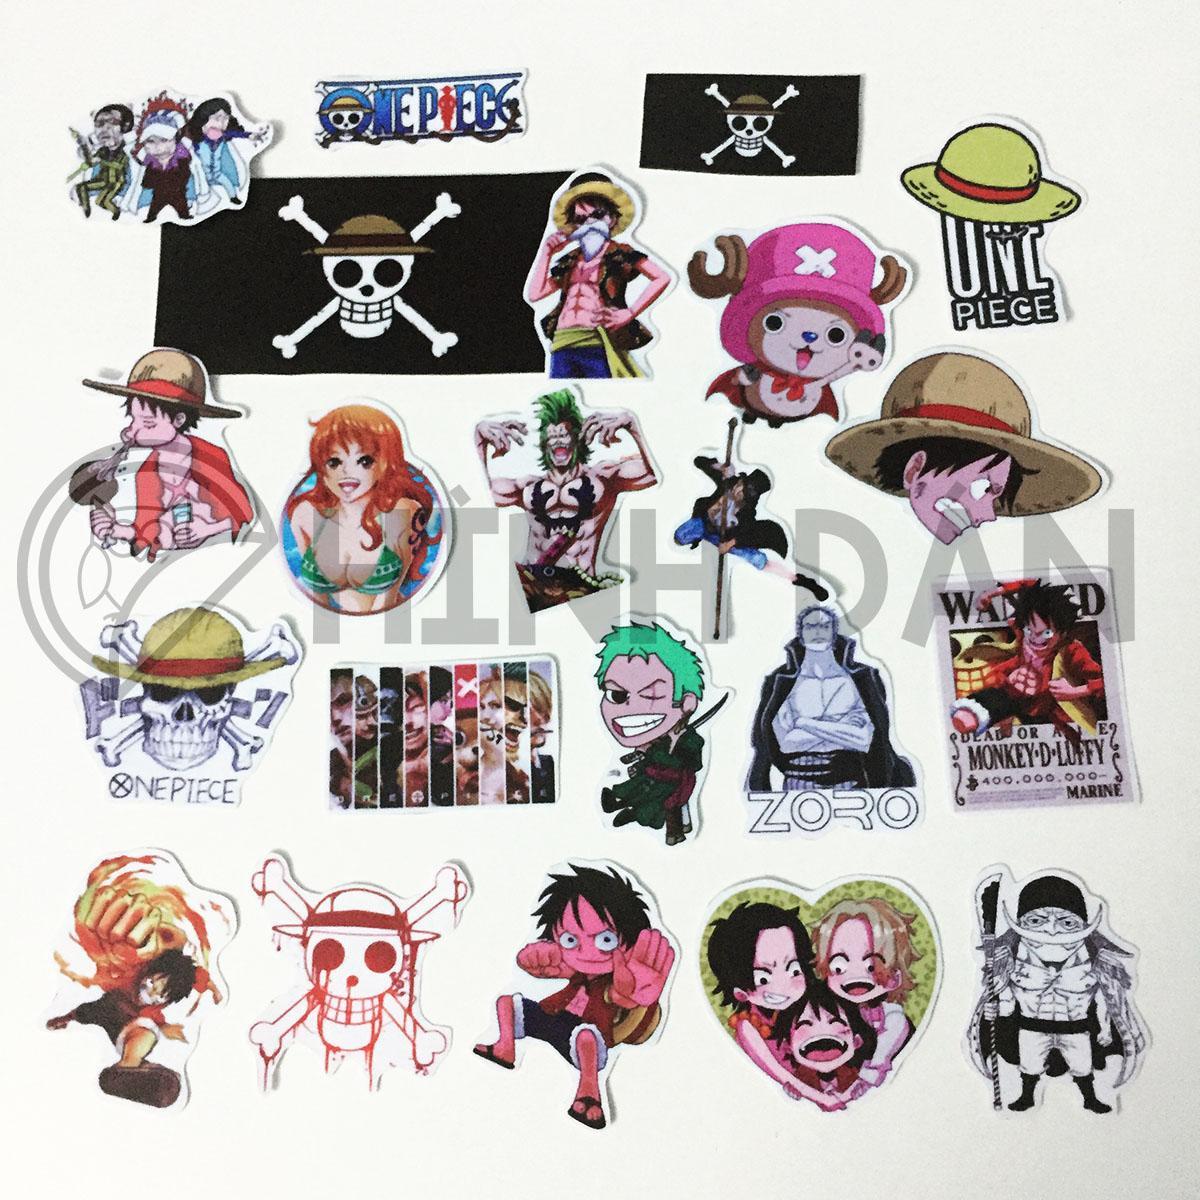 Hình ảnh Bộ Sticker Chủ Đề One Piece, Luffy (2018) Hình Dán Decal Chất Lượng Cao Chống Nước Trang Trí Va Li, Xe, Laptop, Nón Bảo Hiểm, Máy Tính, Tủ Quần Áo